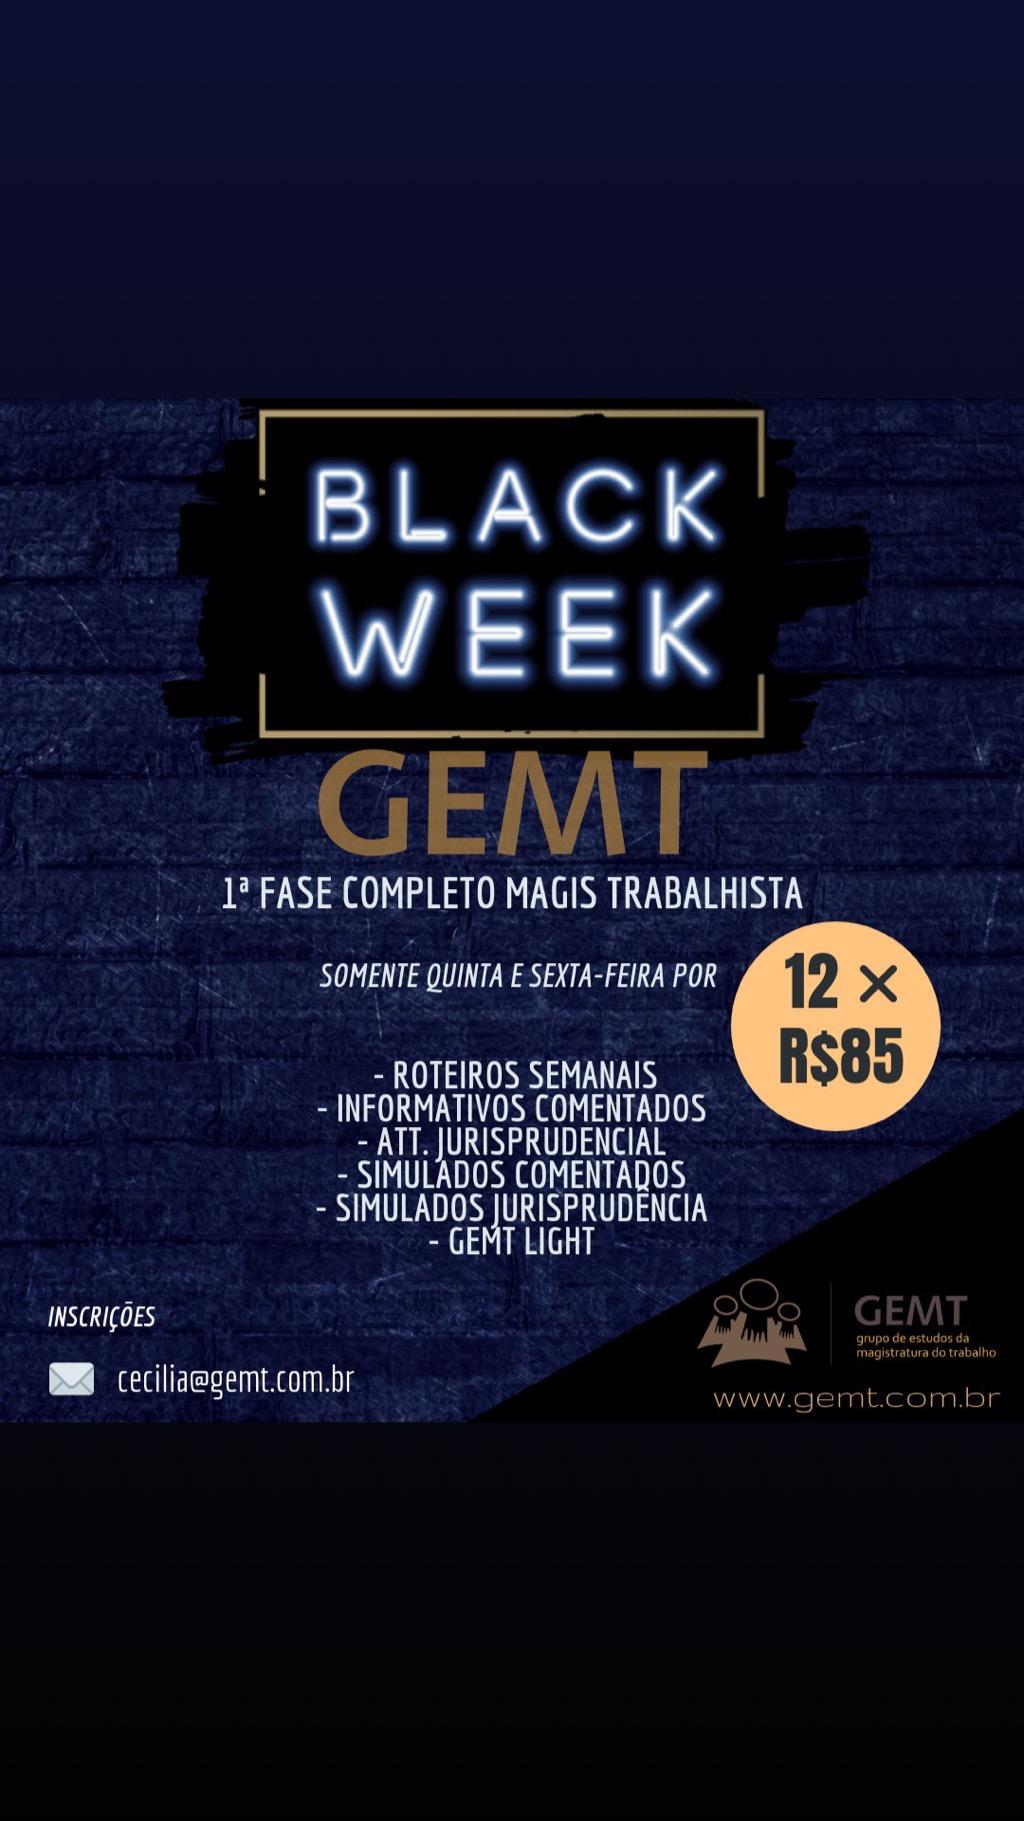 Black Week GEMT